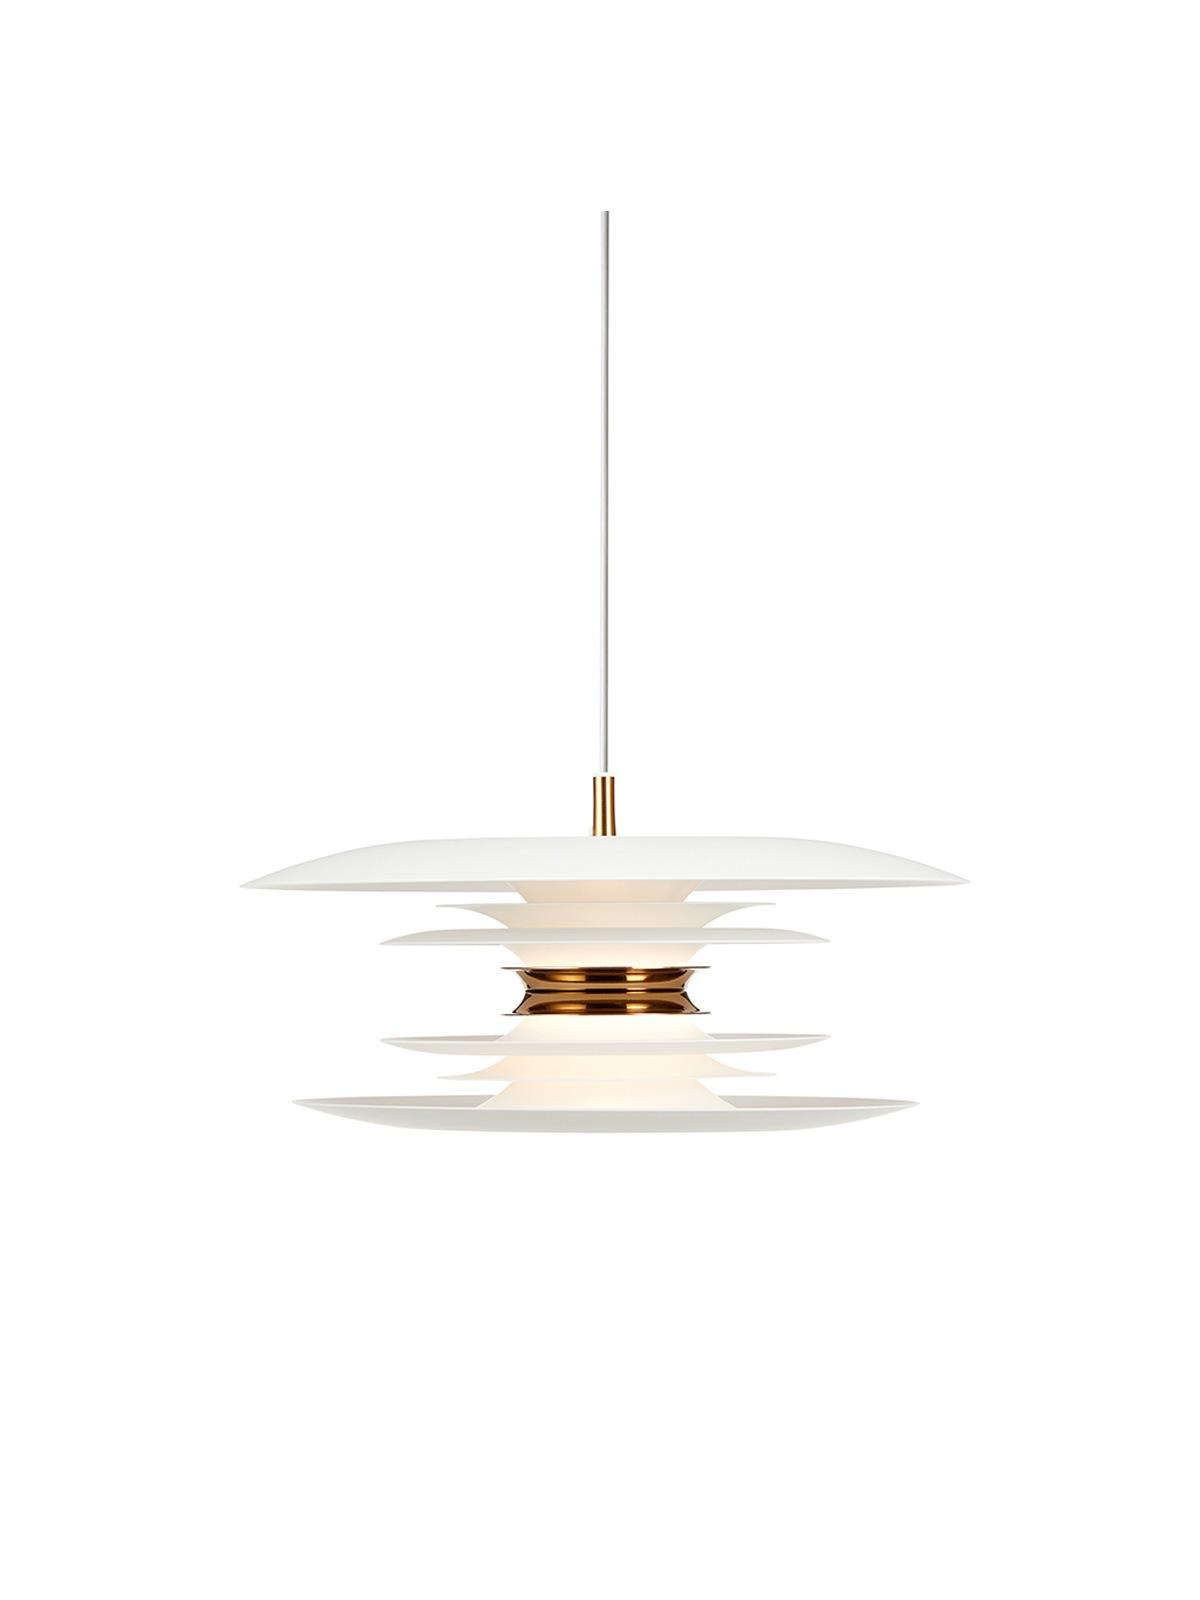 Diablo Belid Leuchten DesignOrt Onlineshop Lampen Berlin